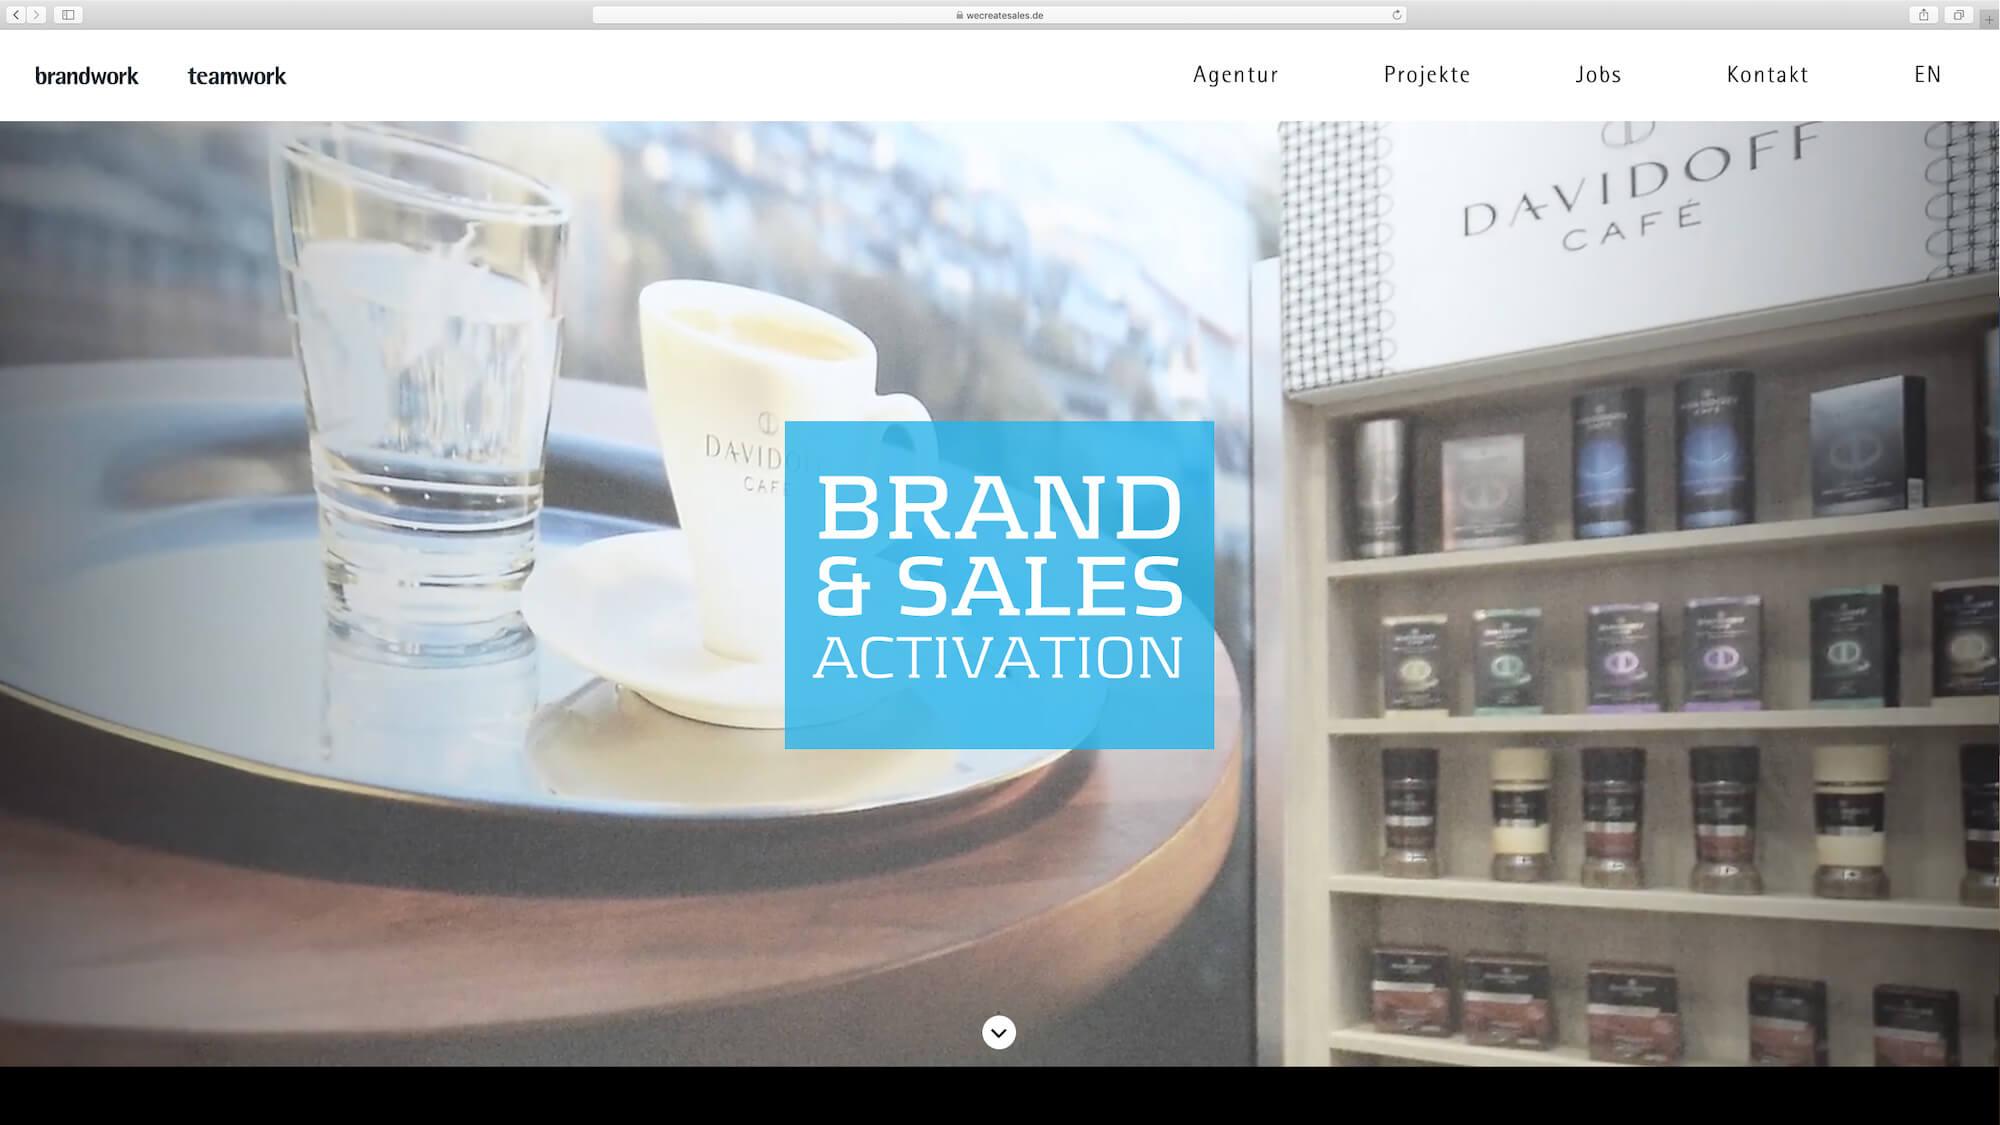 jung und billig werbeagentur we create sales brandwork 6 - Brandwork